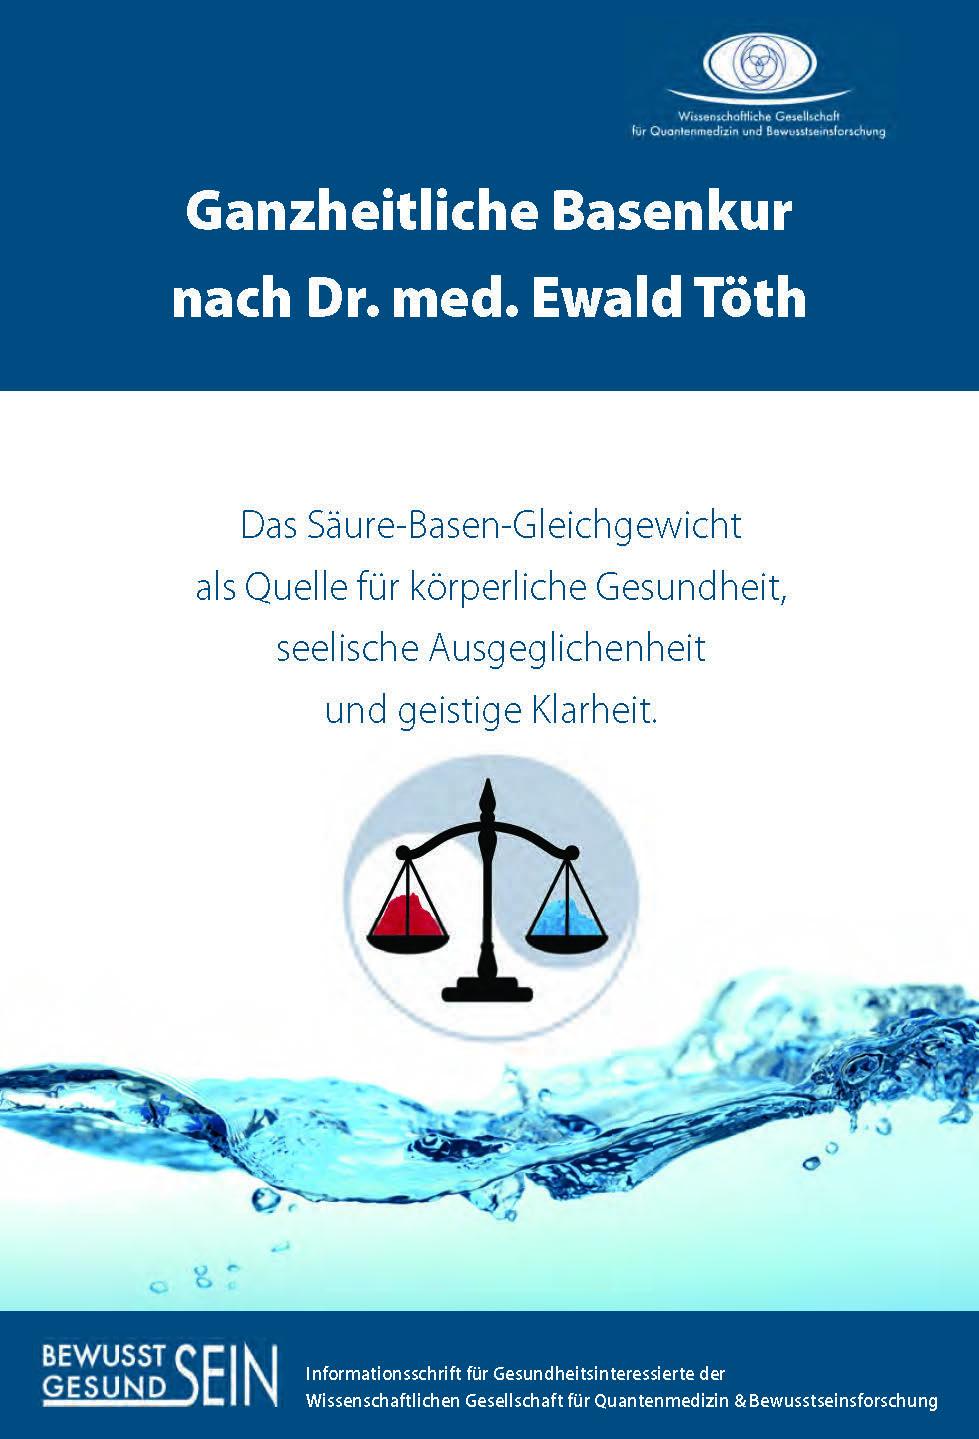 Basenkur-Dr.-Ewald-Toeth_02.2019_V2-red_Seite_01